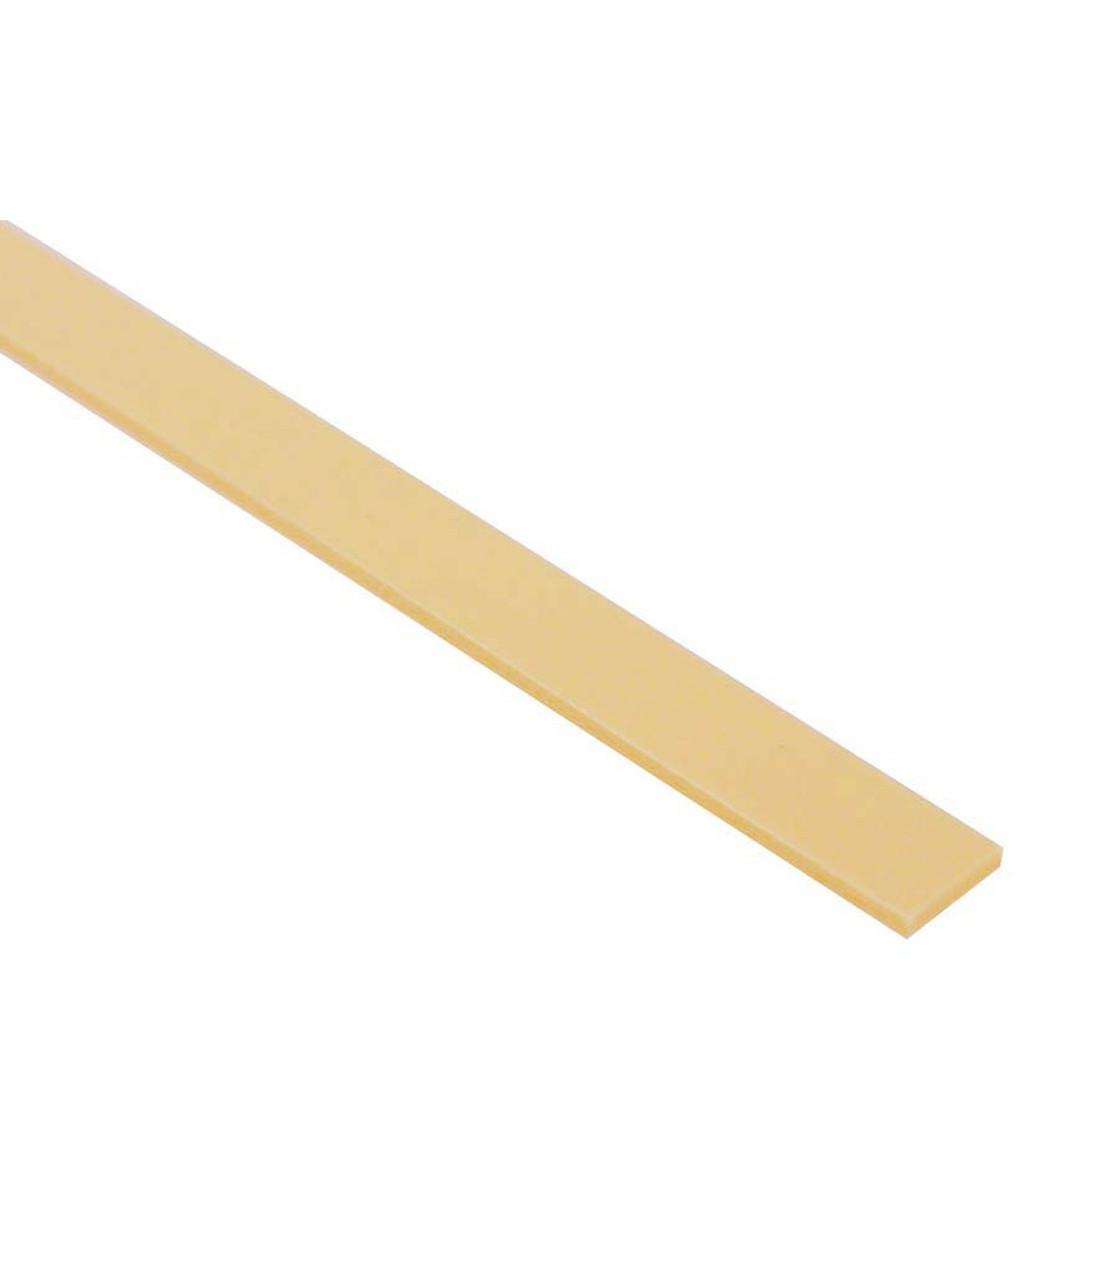 Plastic Binding - 1.5mm Cream